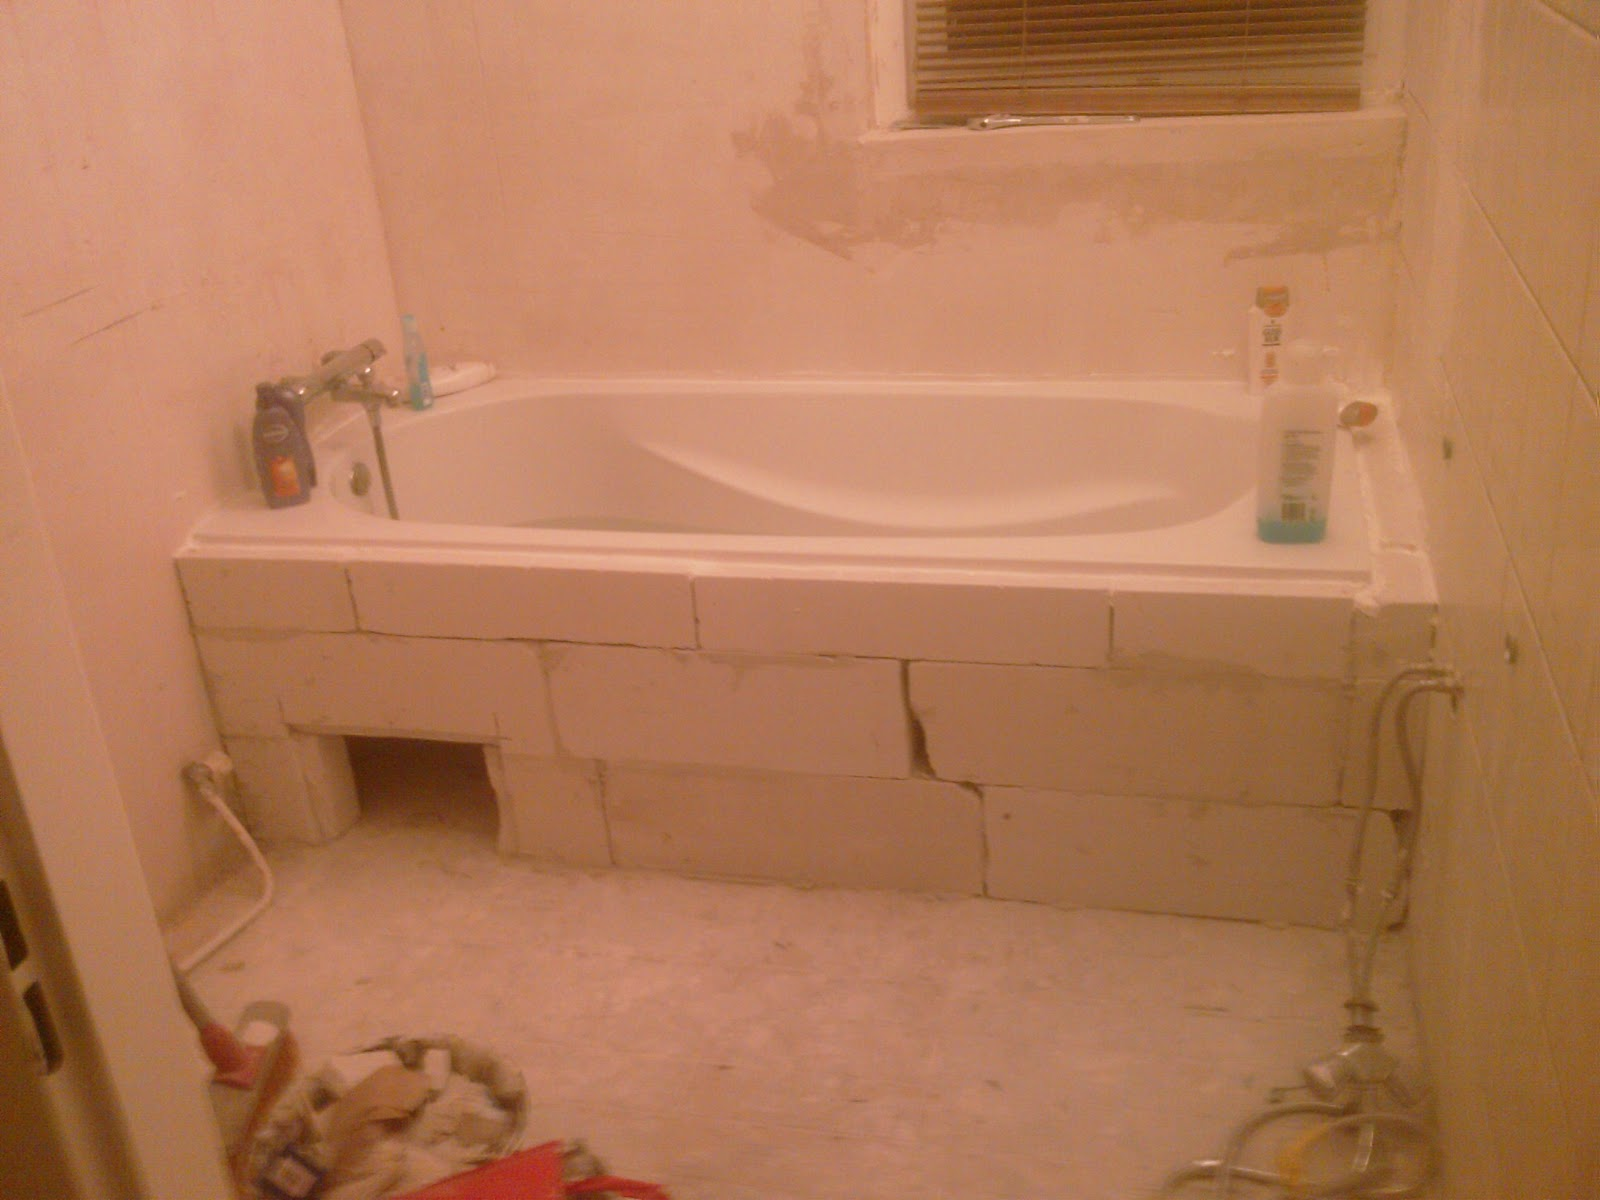 Zelf Badkamer Verbouwen : Zelf een badkamer maken